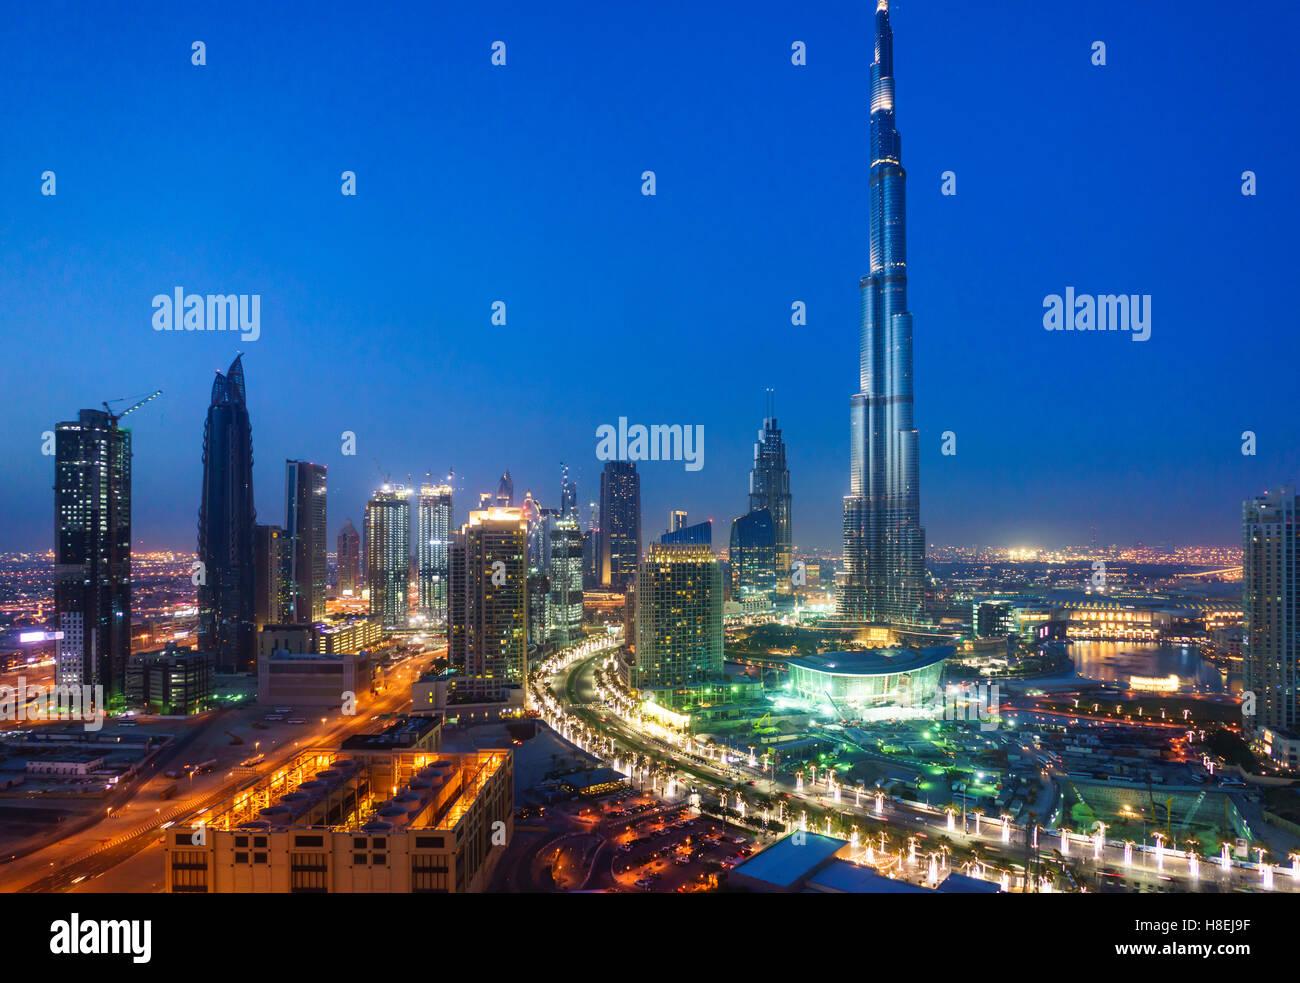 Burj Dubai y del centro de la ciudad por la noche, Dubai, Emiratos Árabes Unidos, Oriente Medio Imagen De Stock